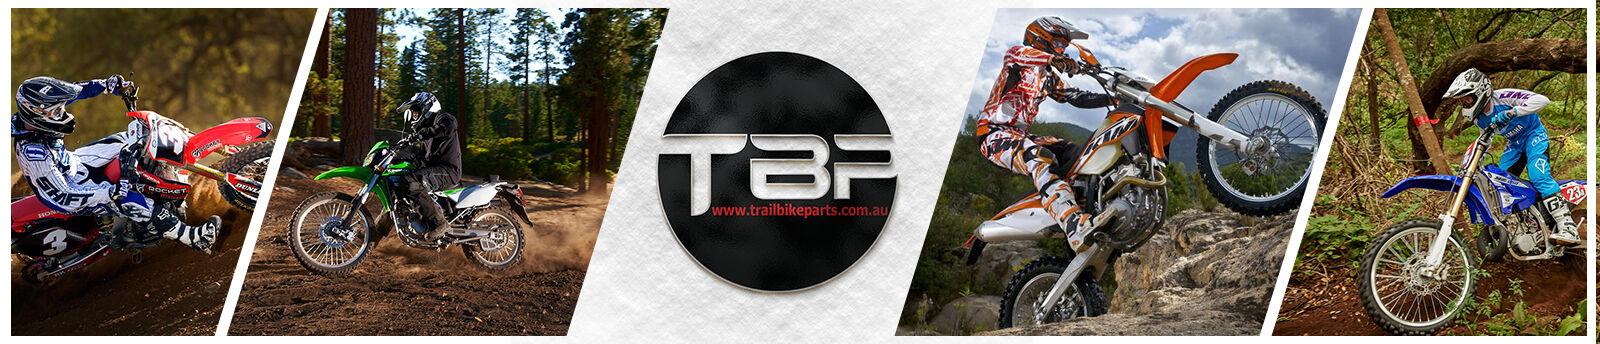 TrailBikePartsAustralia